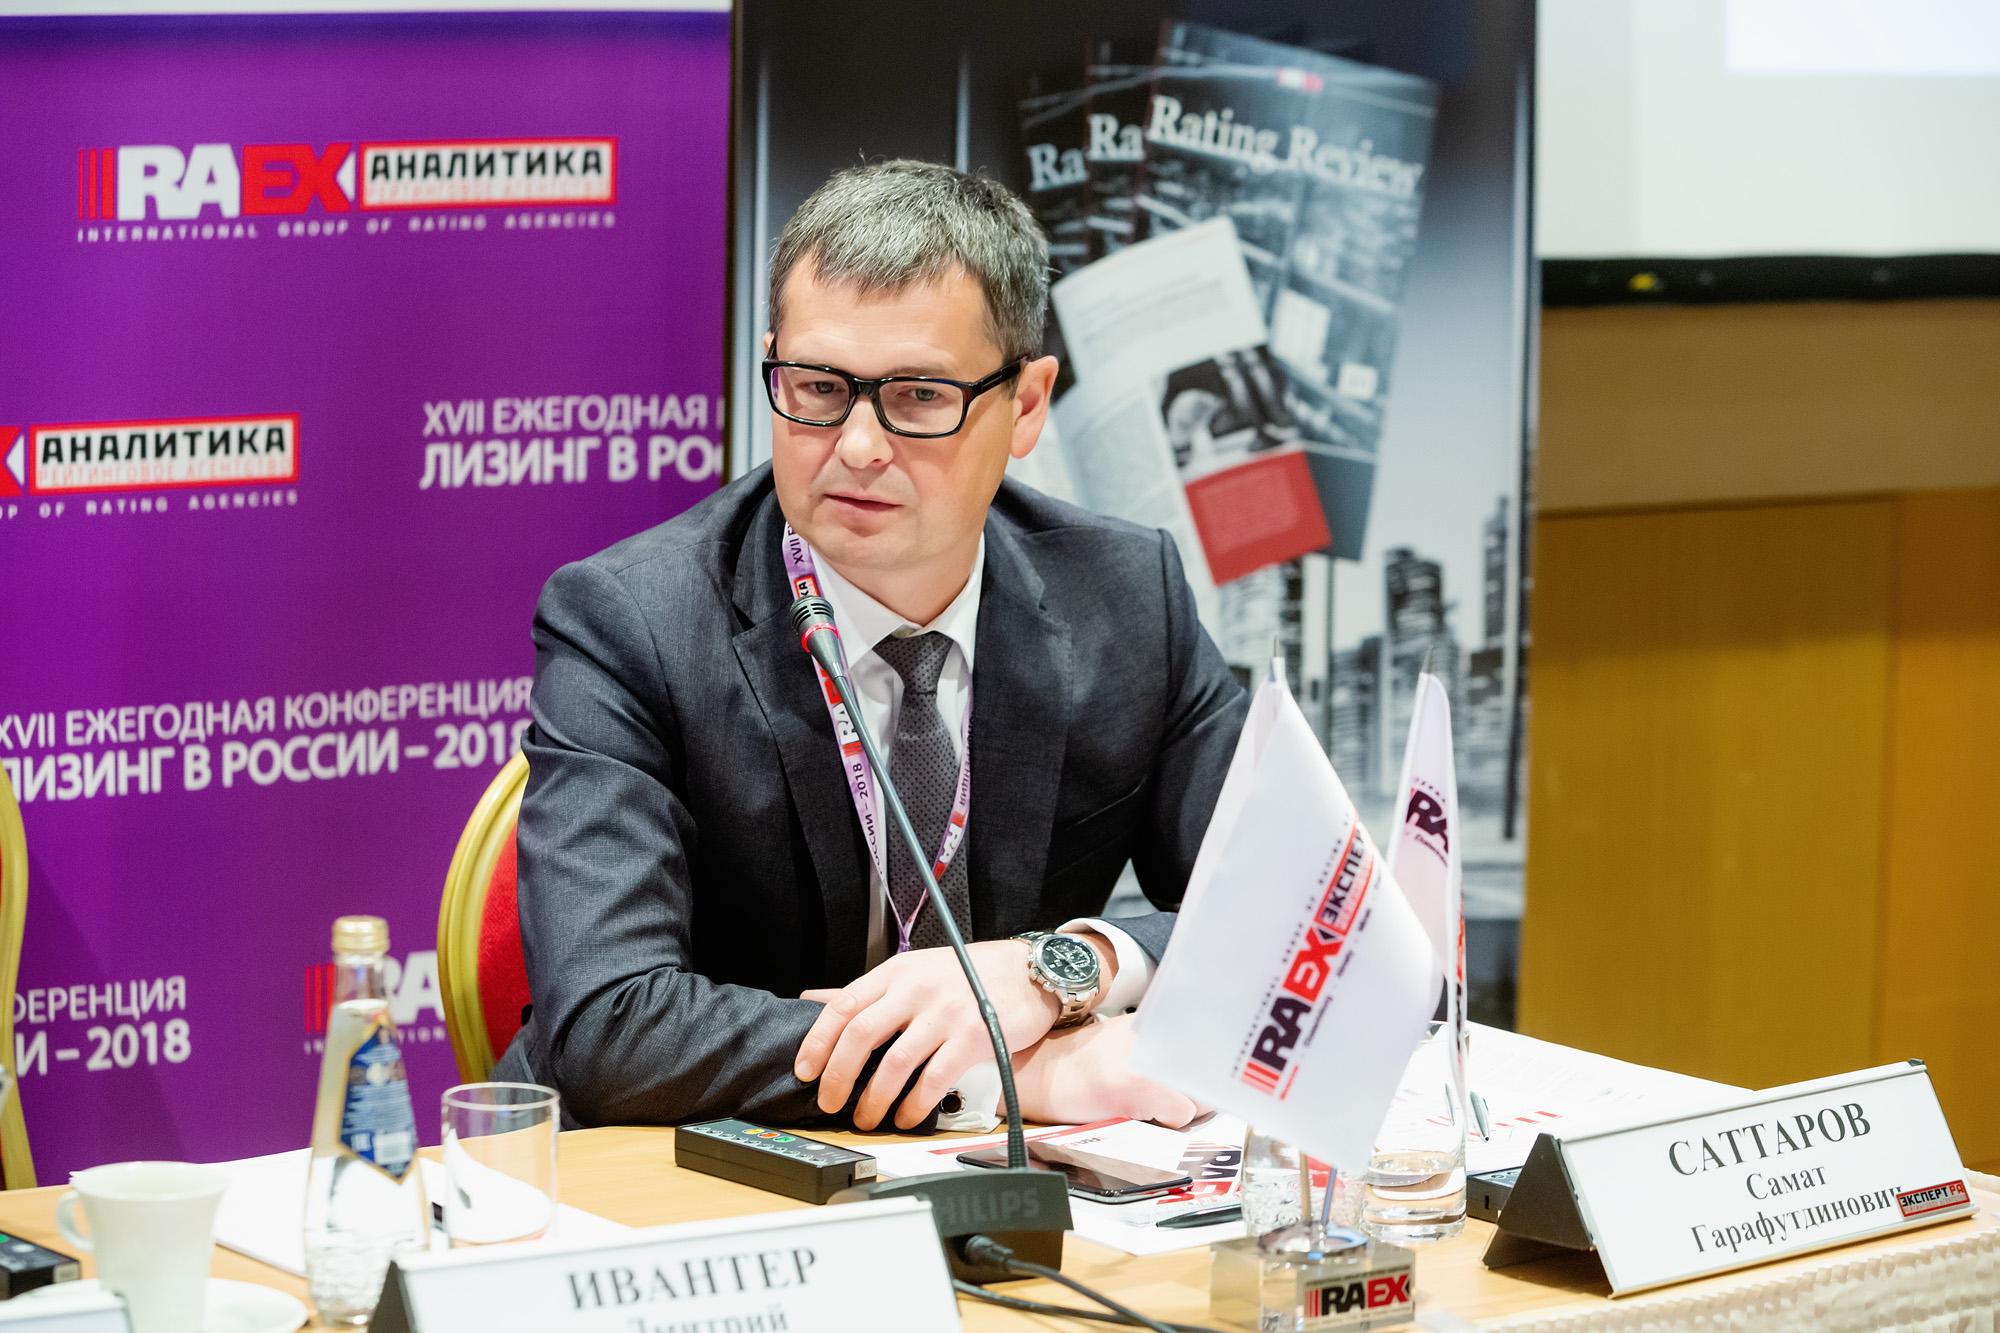 Камазовцы на конференции «Лизинг в России-2018»